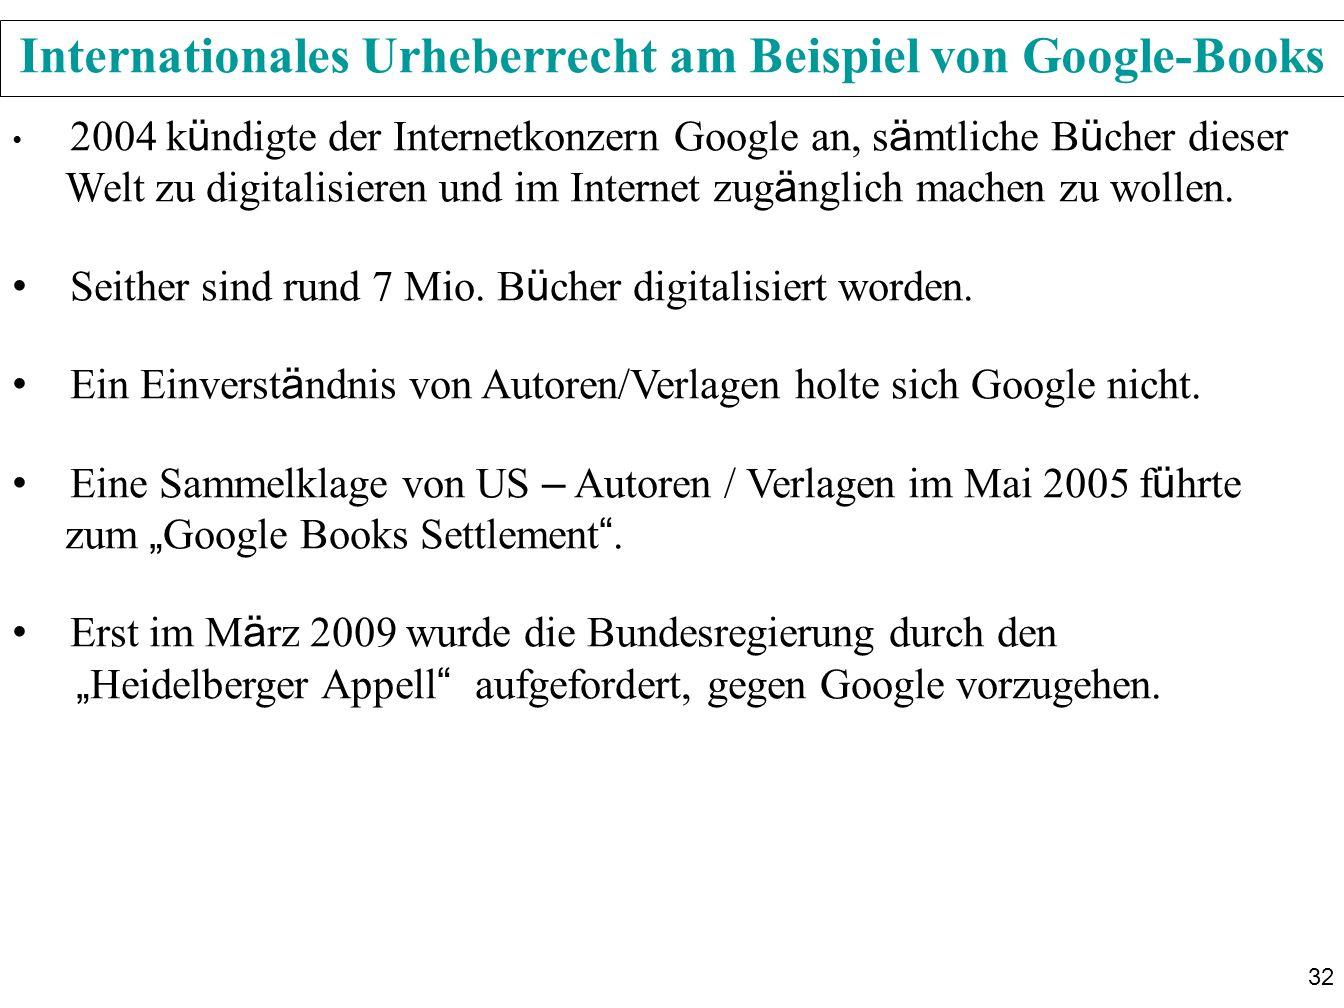 Internationales Urheberrecht am Beispiel von Google-Books